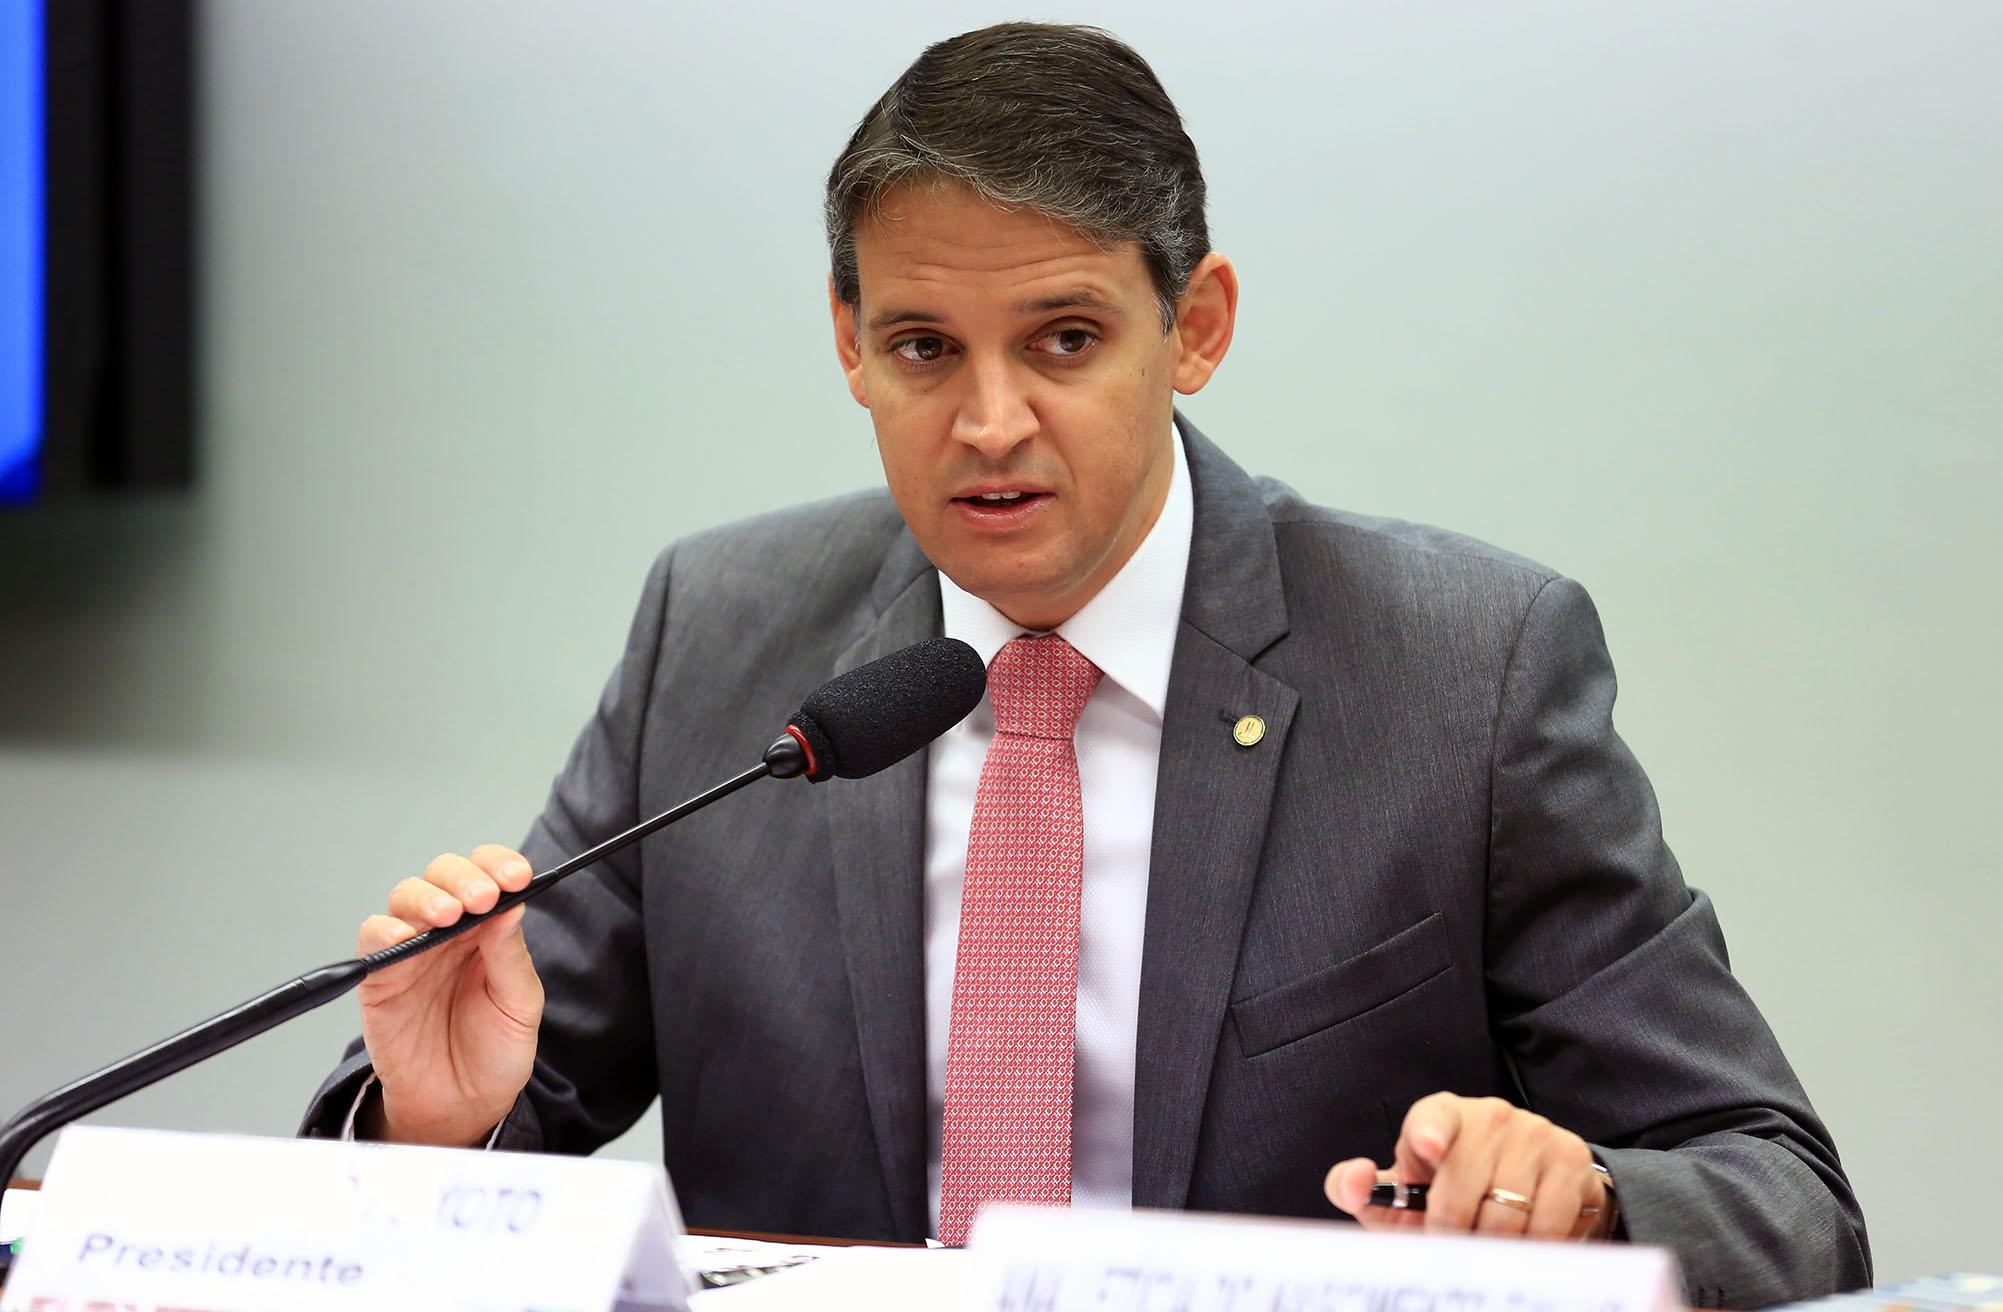 Audiência pública para debater a Inclusão no Censo de 2020 de Perguntas de Hábitos e Consumo Cultural. Dep. Thiago Peixoto (PSD - GO)